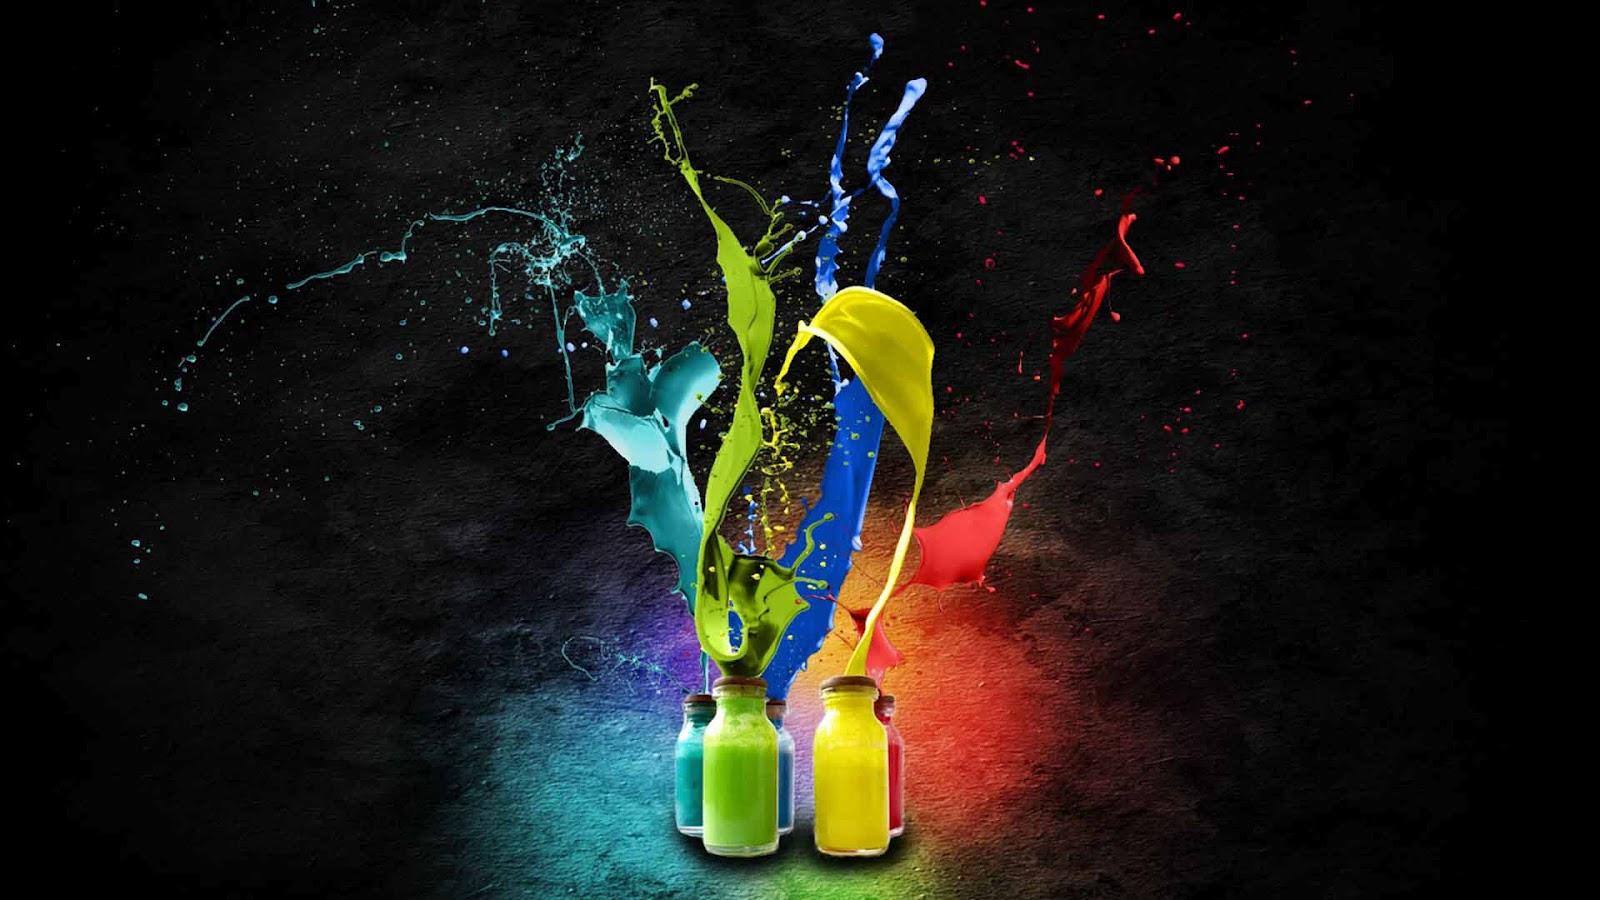 http://1.bp.blogspot.com/--hIC-_sMgtg/TzyRXTGjQNI/AAAAAAAAAUU/5ZSgO2sqkdM/s1600/splash-of-colours-hd-wallpaper-0.jpg